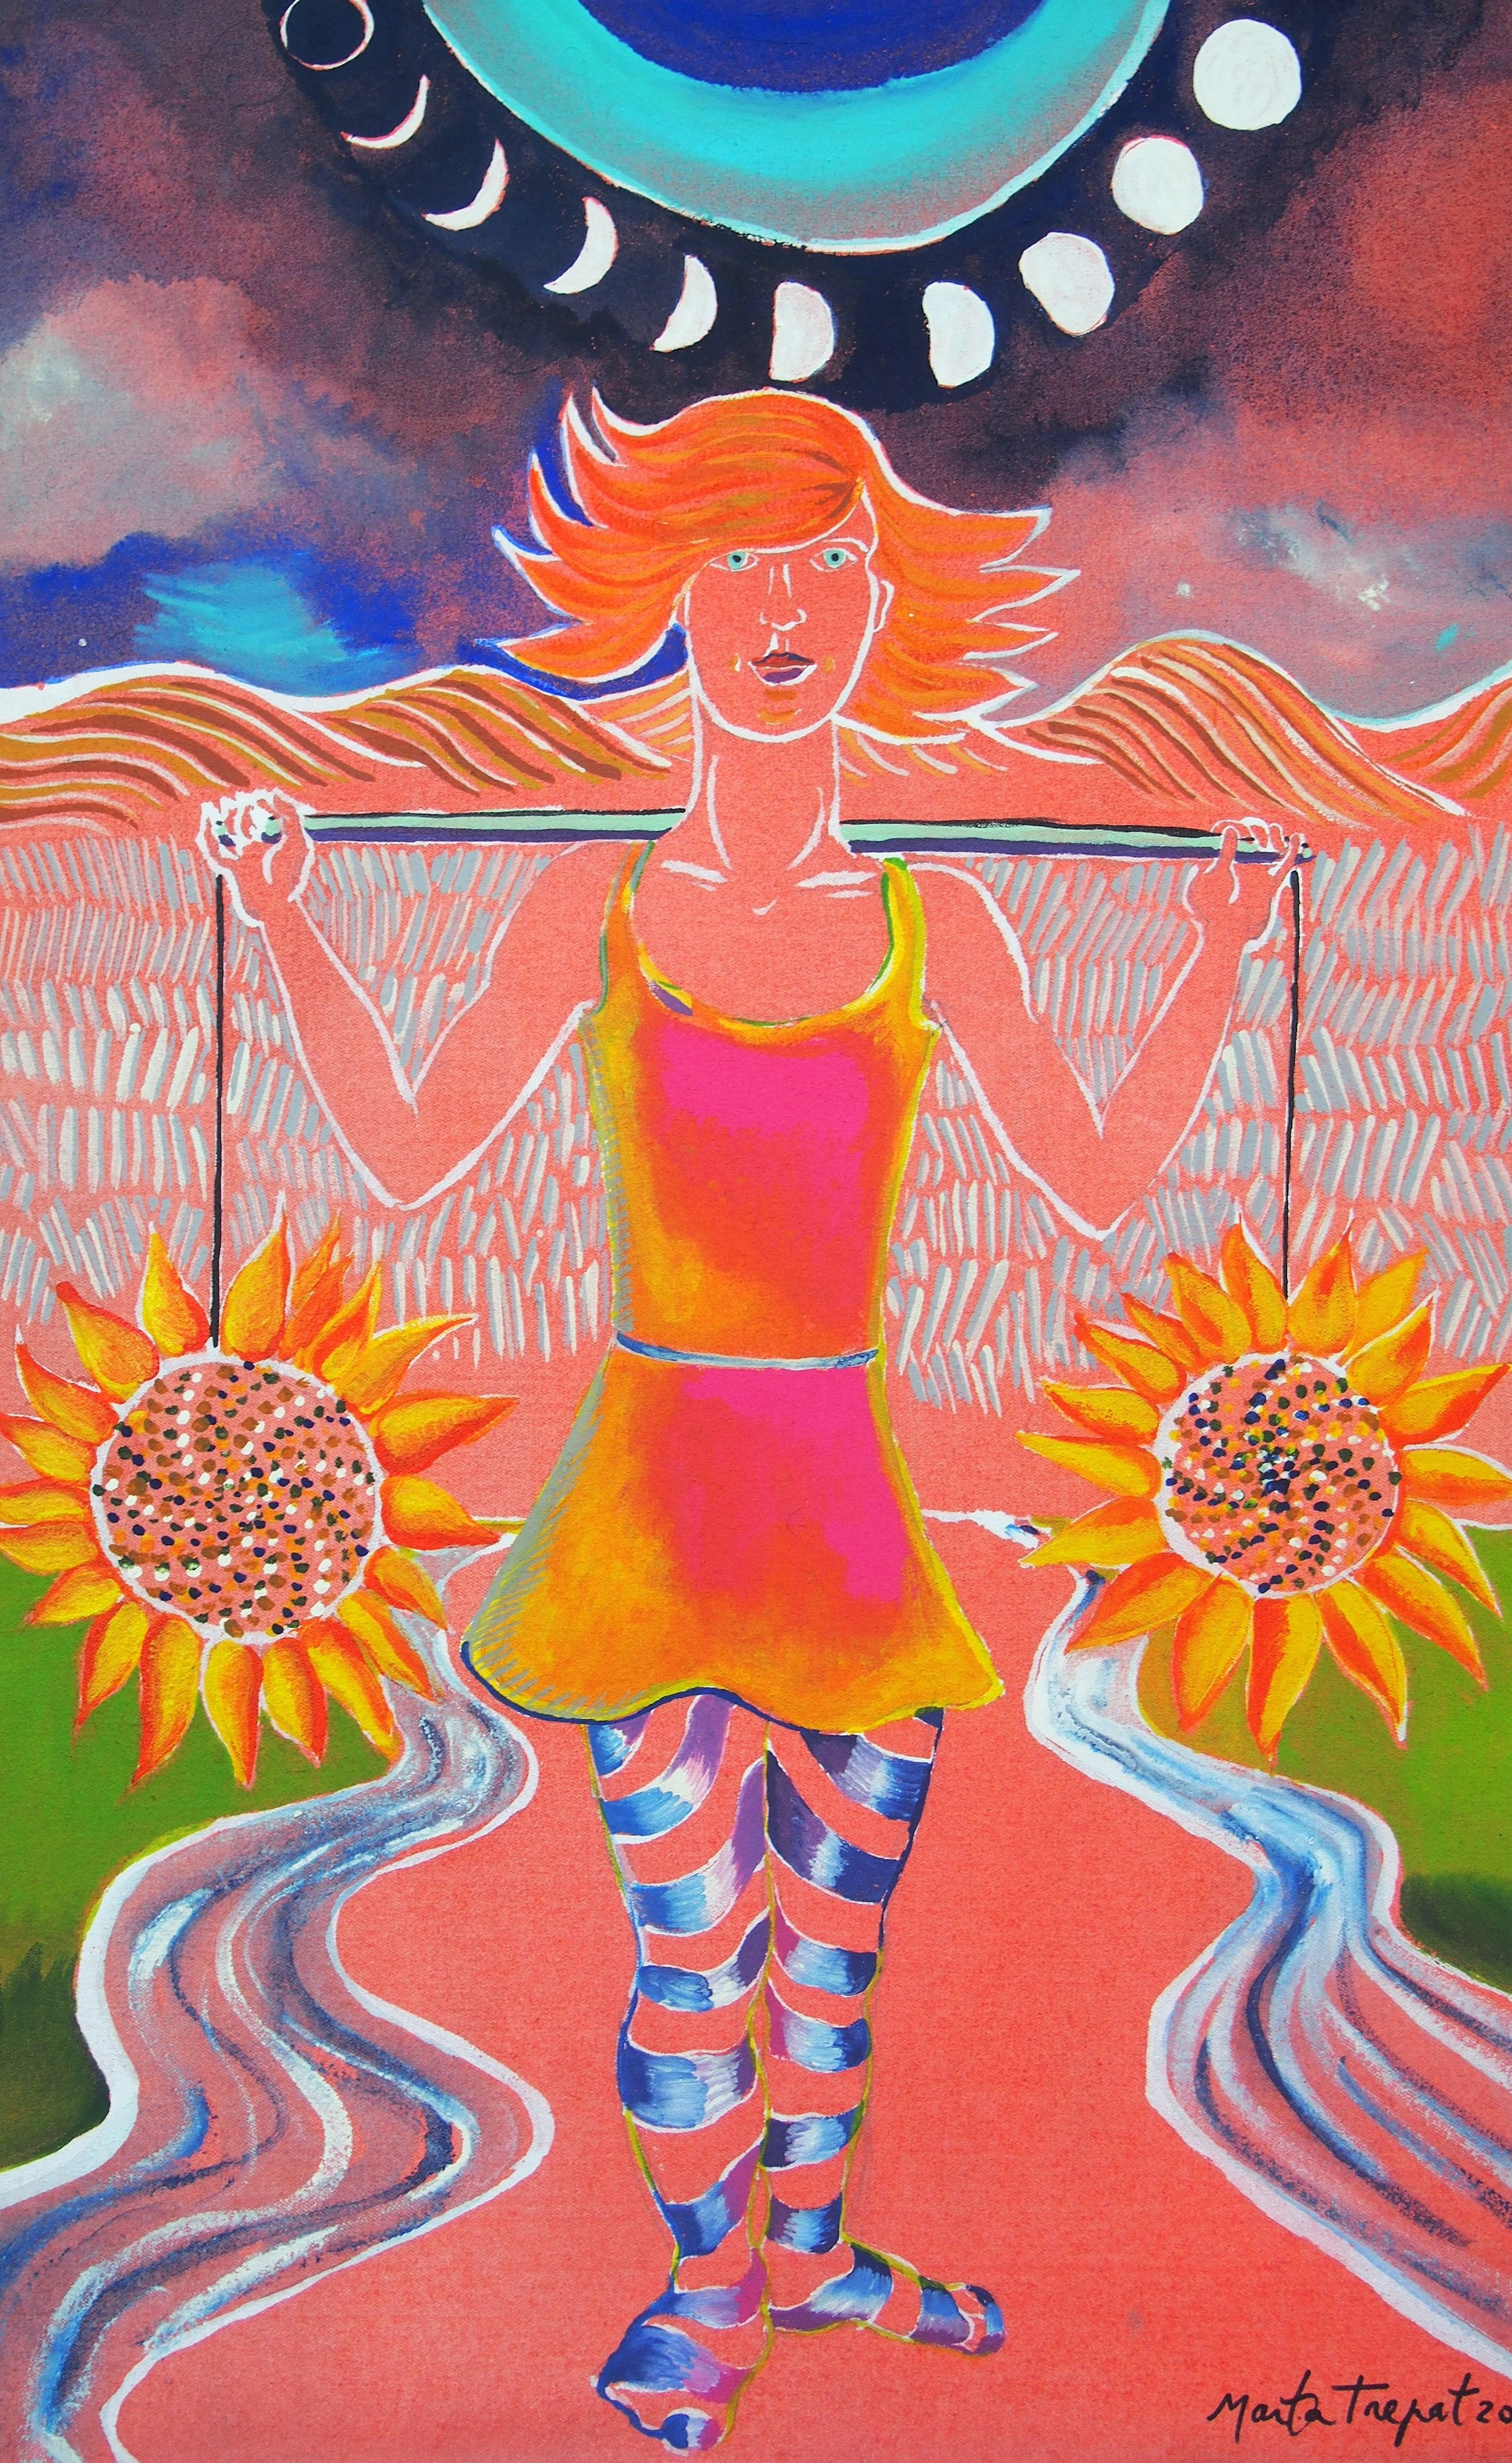 """MINERVA - acrílic sobre tela 60x45cmDins de l'imaginari simbòlic femení hi han les antigues divinitats,aquesta és una reinterpretació inspirada amb el nom del vi """"Minervois""""de la zona de Pairàs sur l'Hers al sud de la França on vàrem anar a Sant Henri a fer una residència artística l'estiu del 2017"""